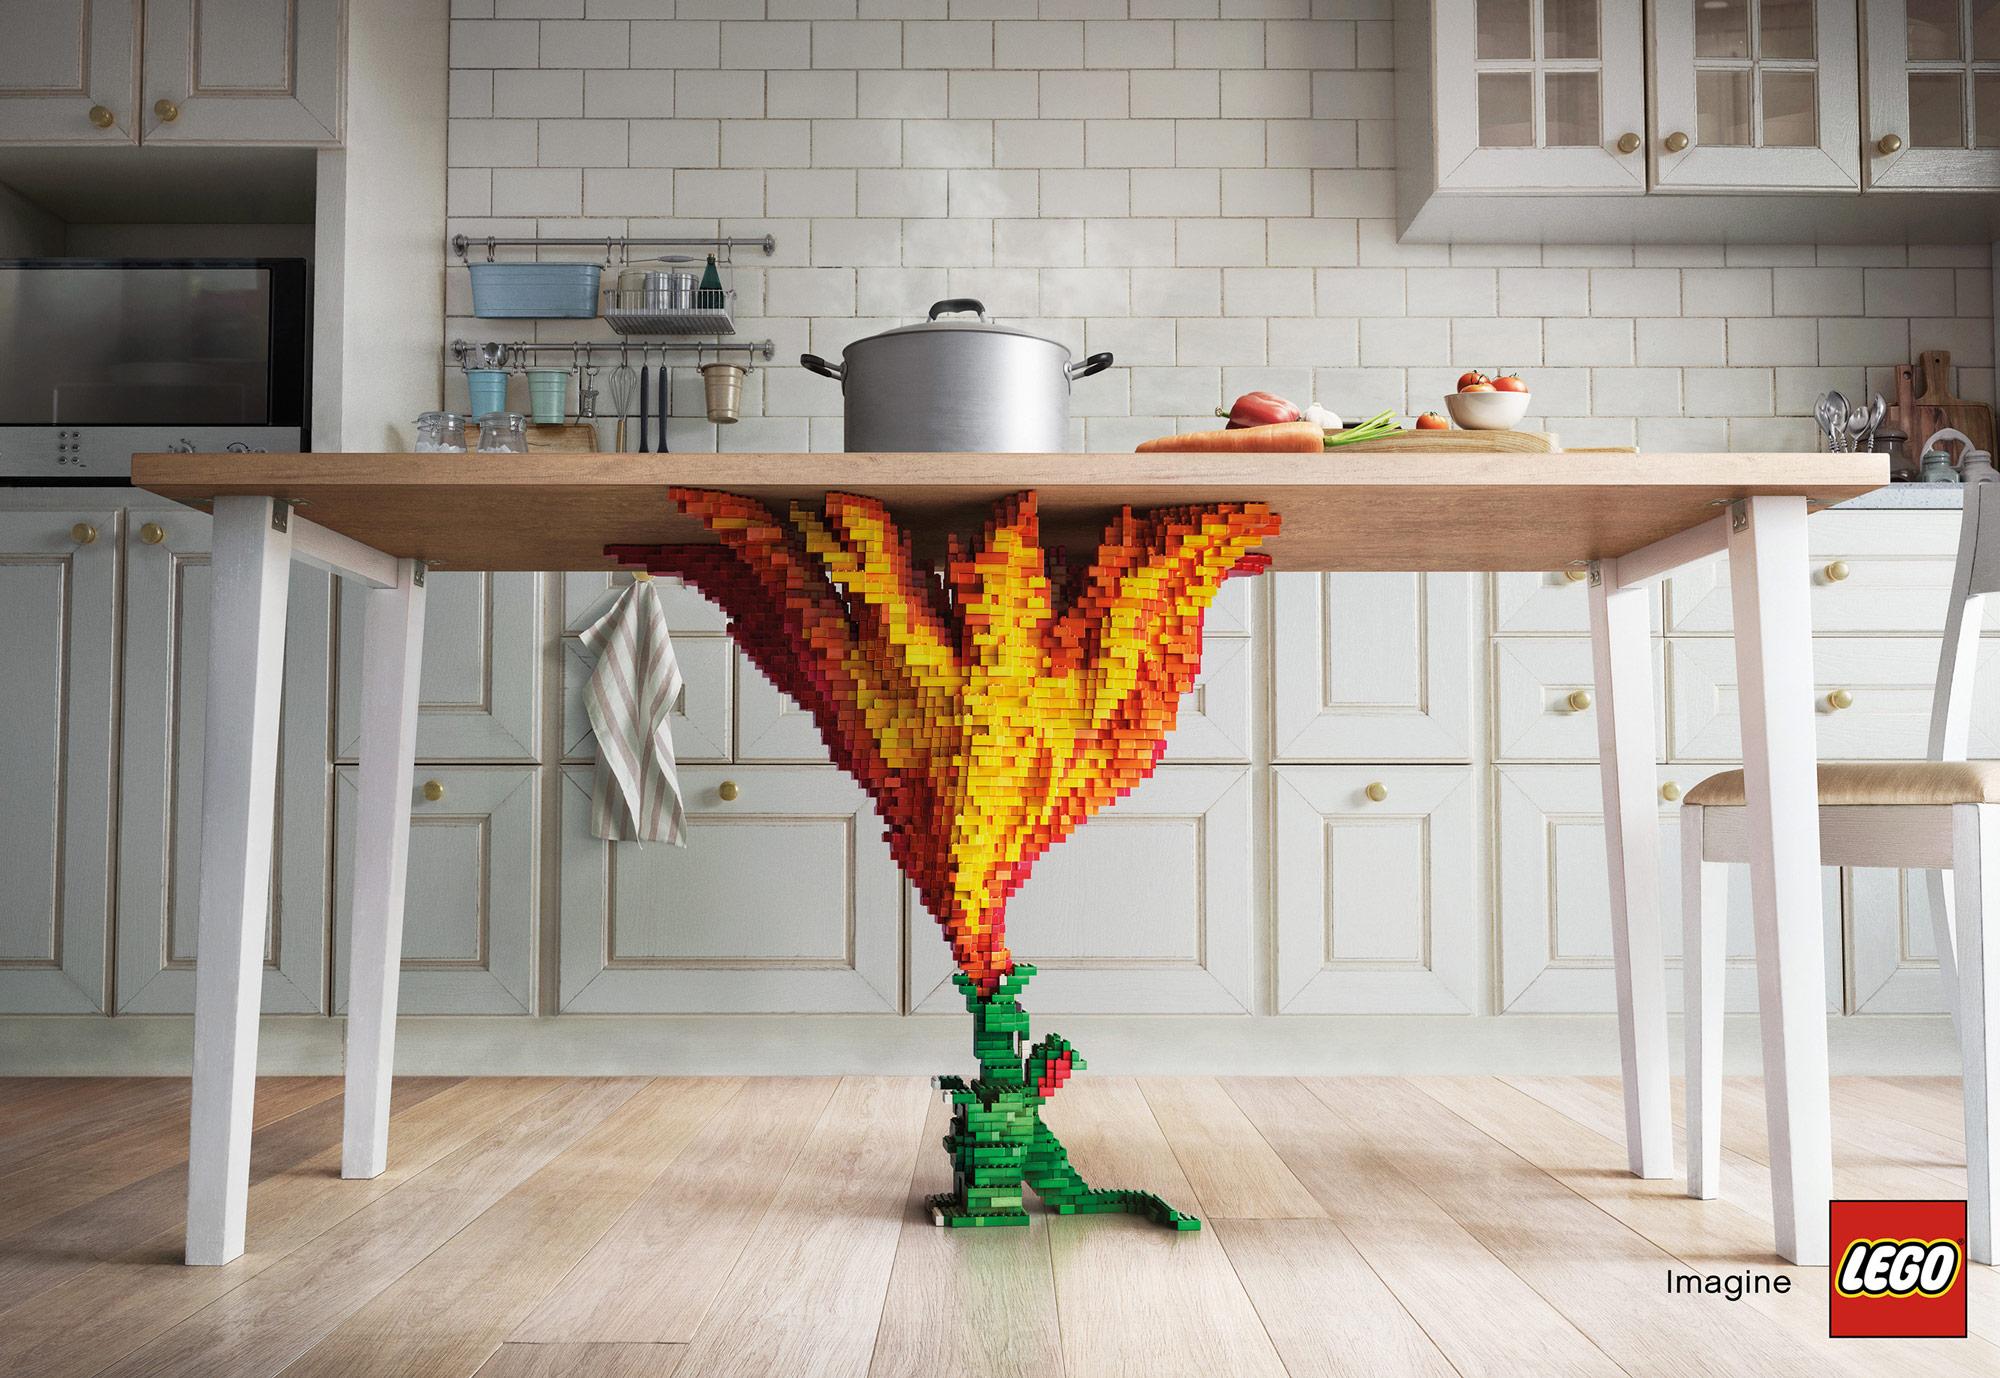 Drak, který svým ohněm zahřívá hrnec na stole